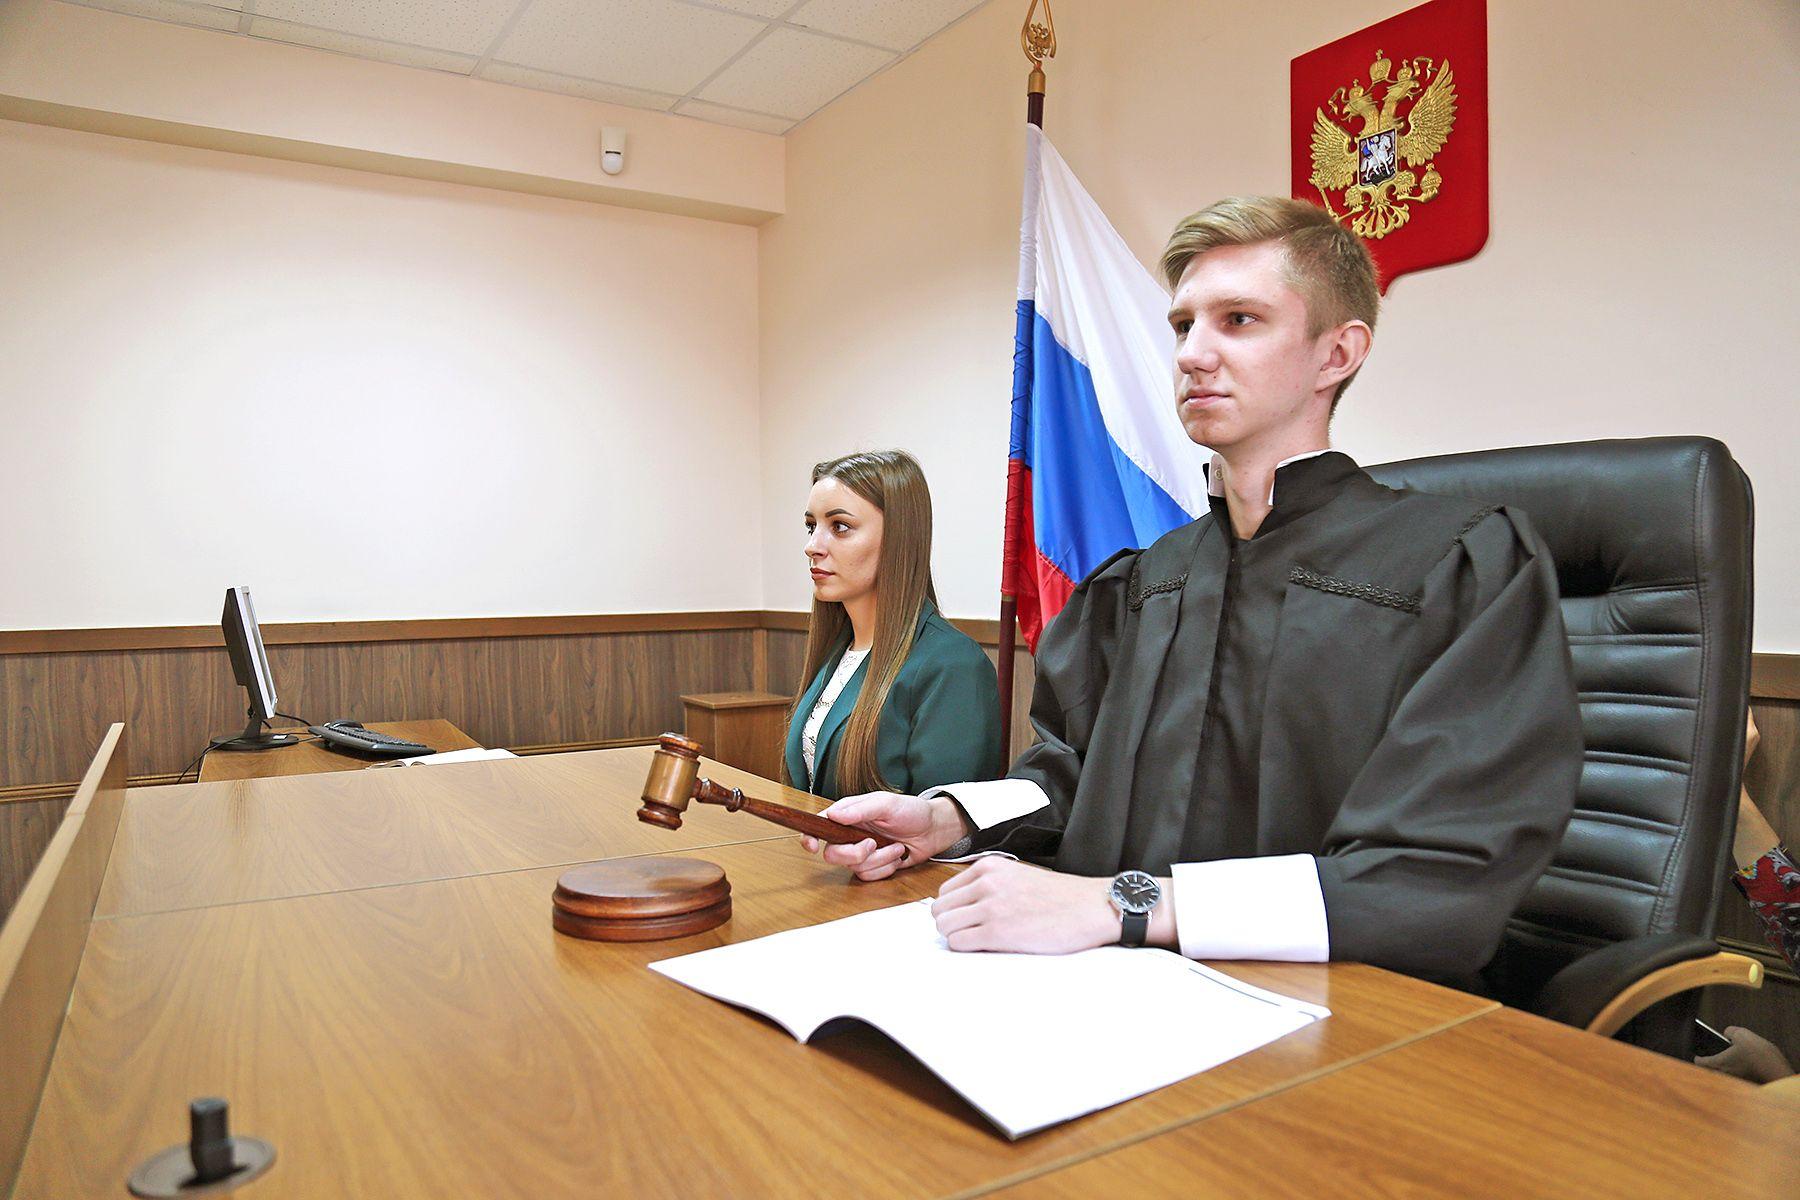 Единственные в Приморье. ВГУЭС открывает специалитет «Судебная и прокурорская деятельность»